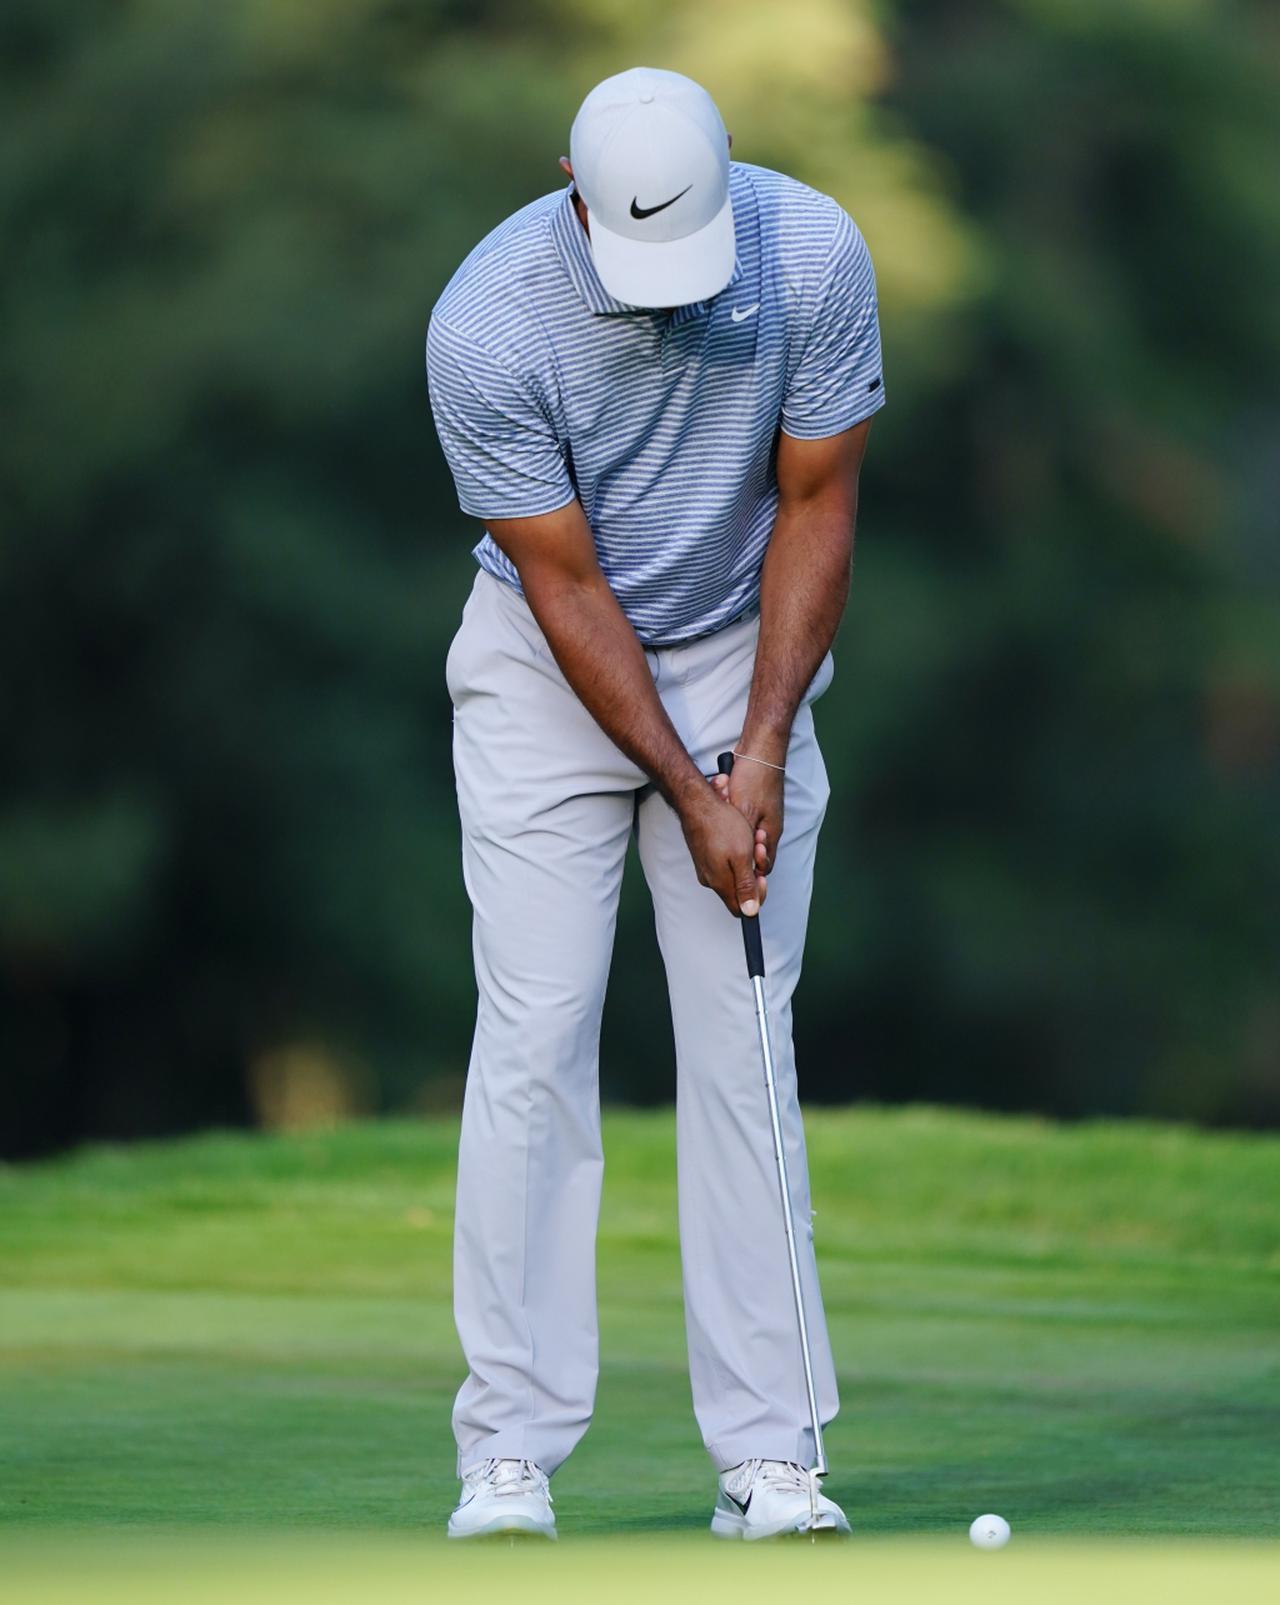 画像3: 【名手のパット】入る握り方に3つの流派。PGAツアーのパッティンググリップ、タイガー・マキロイ・松山・スピース…